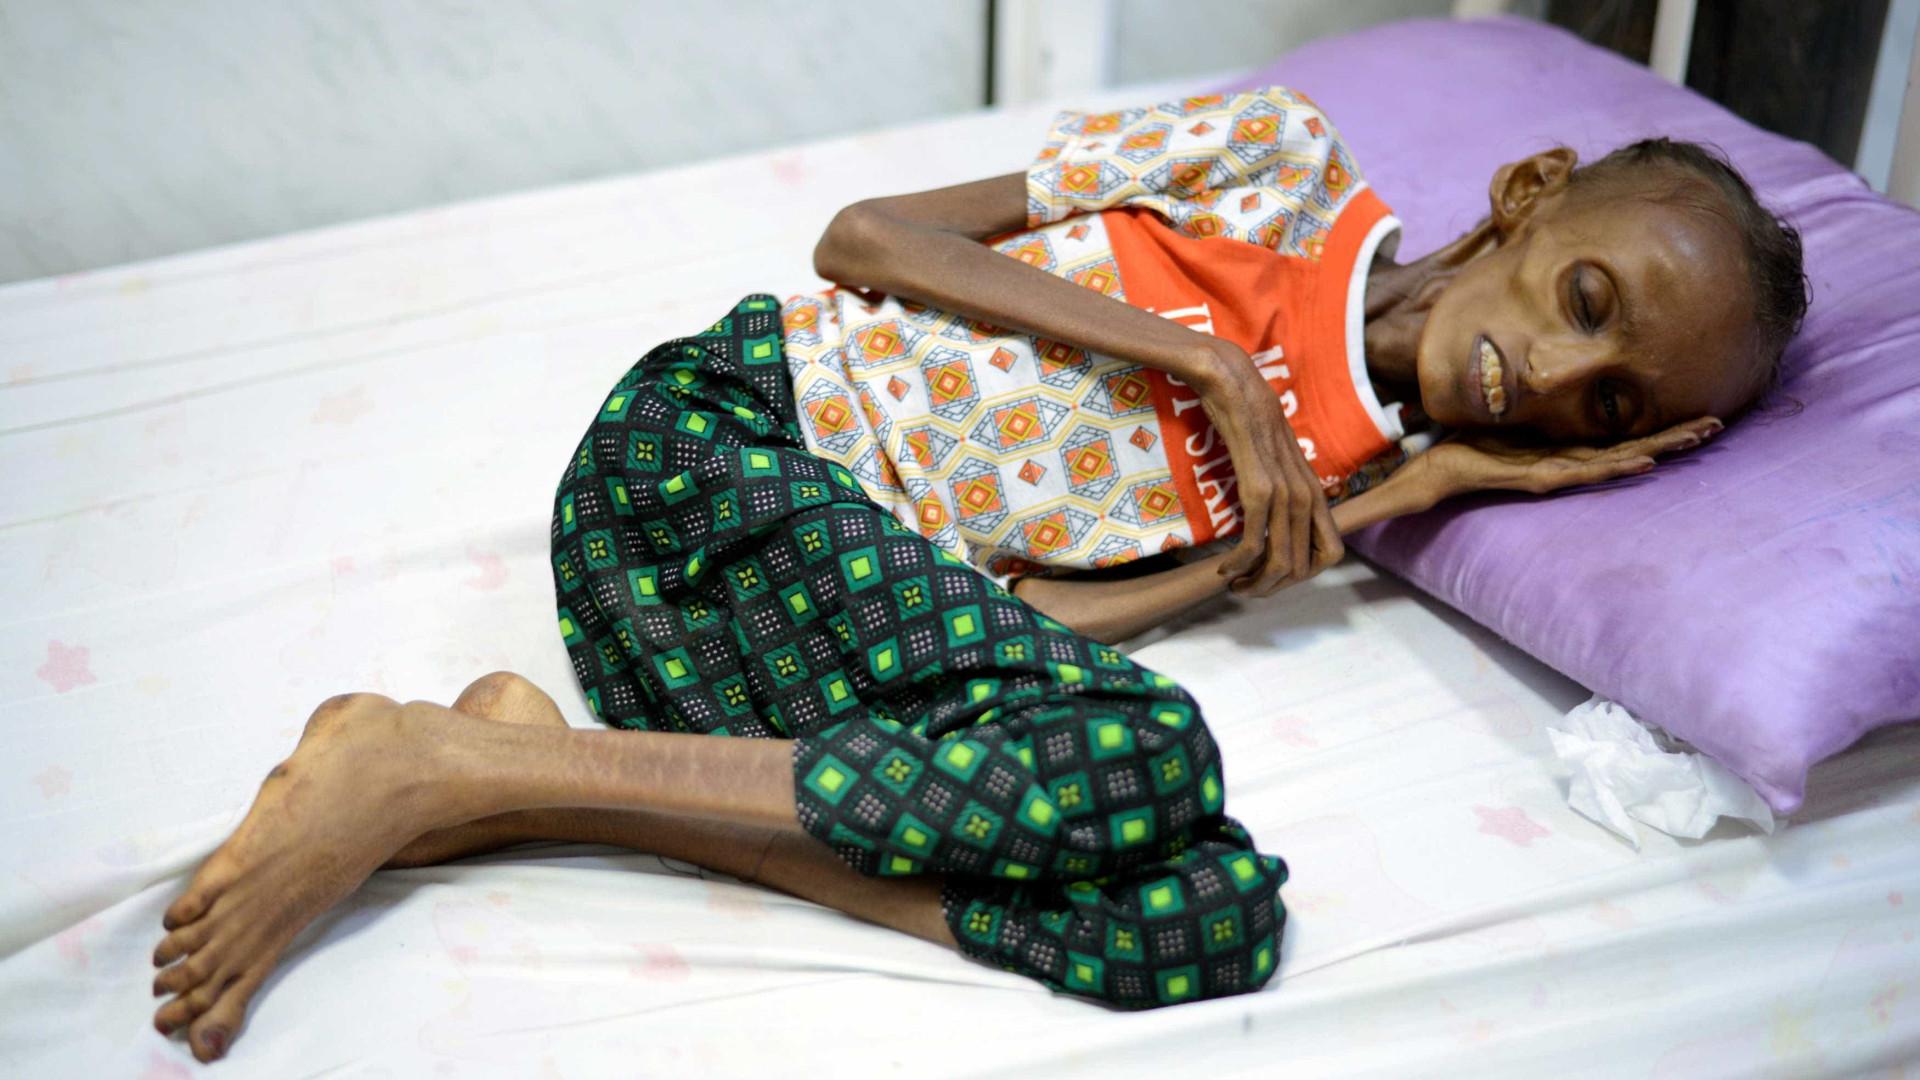 Novos pontos de entrada de ajuda no Iémen são precisos para evitar fome